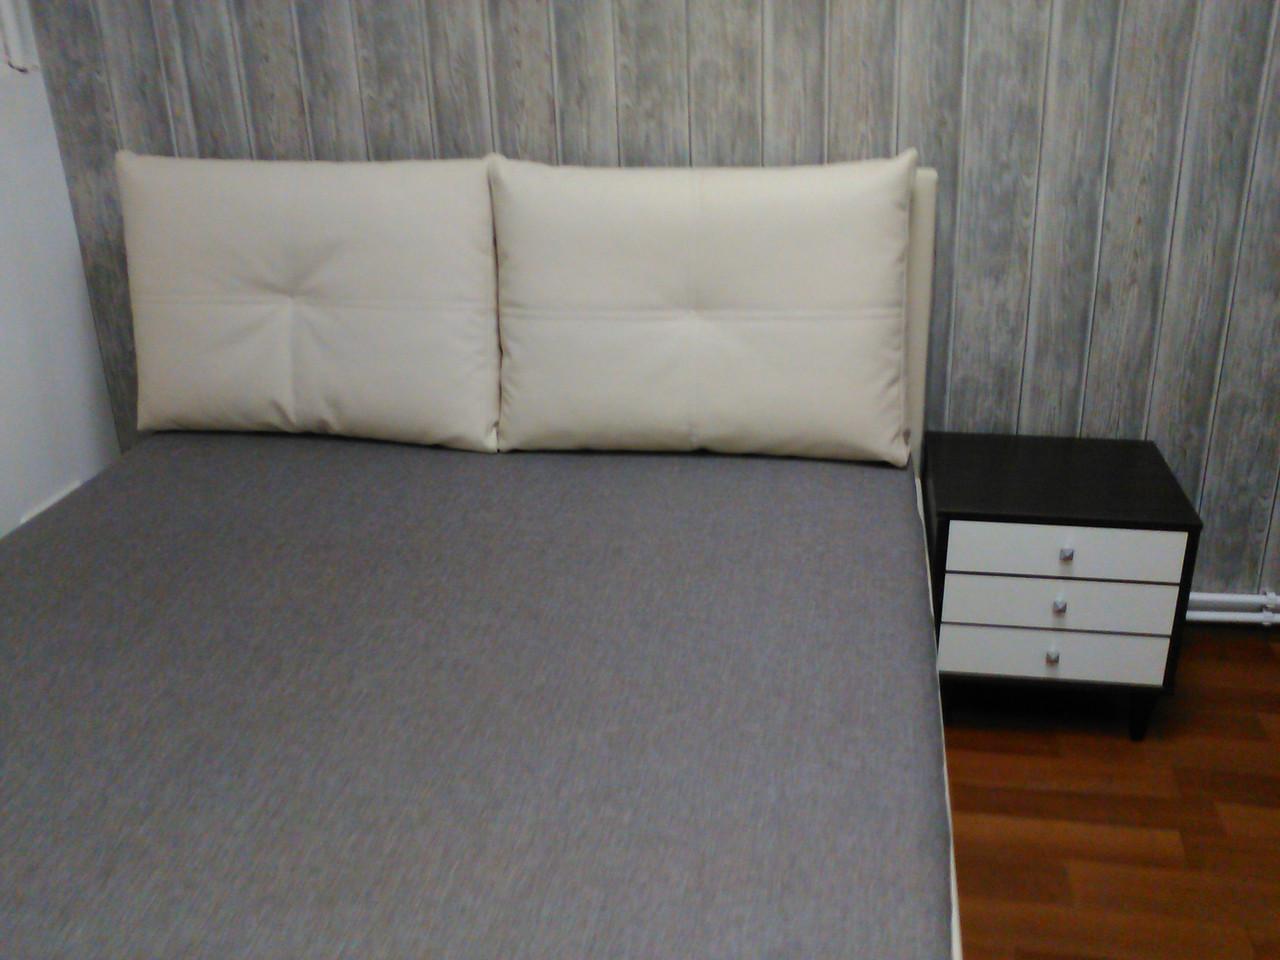 Кровать двуспальная с темным матрасом